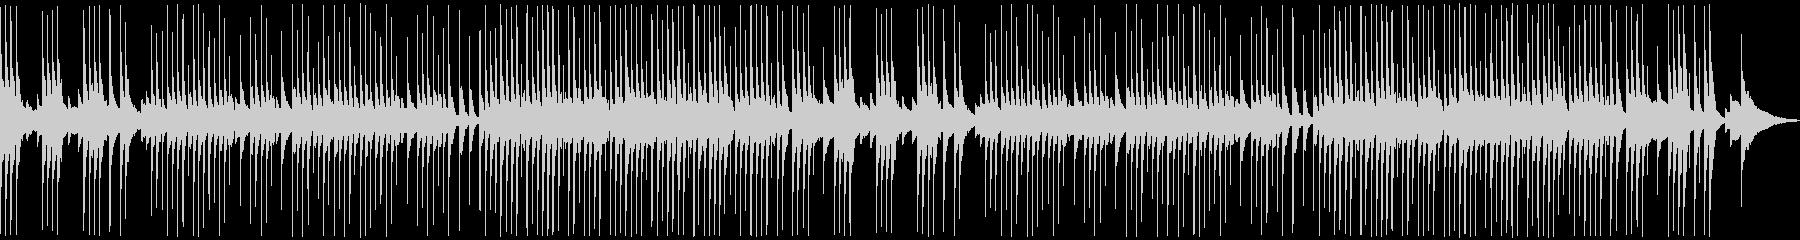 可愛らしいクッキングの時間の音楽です。の未再生の波形